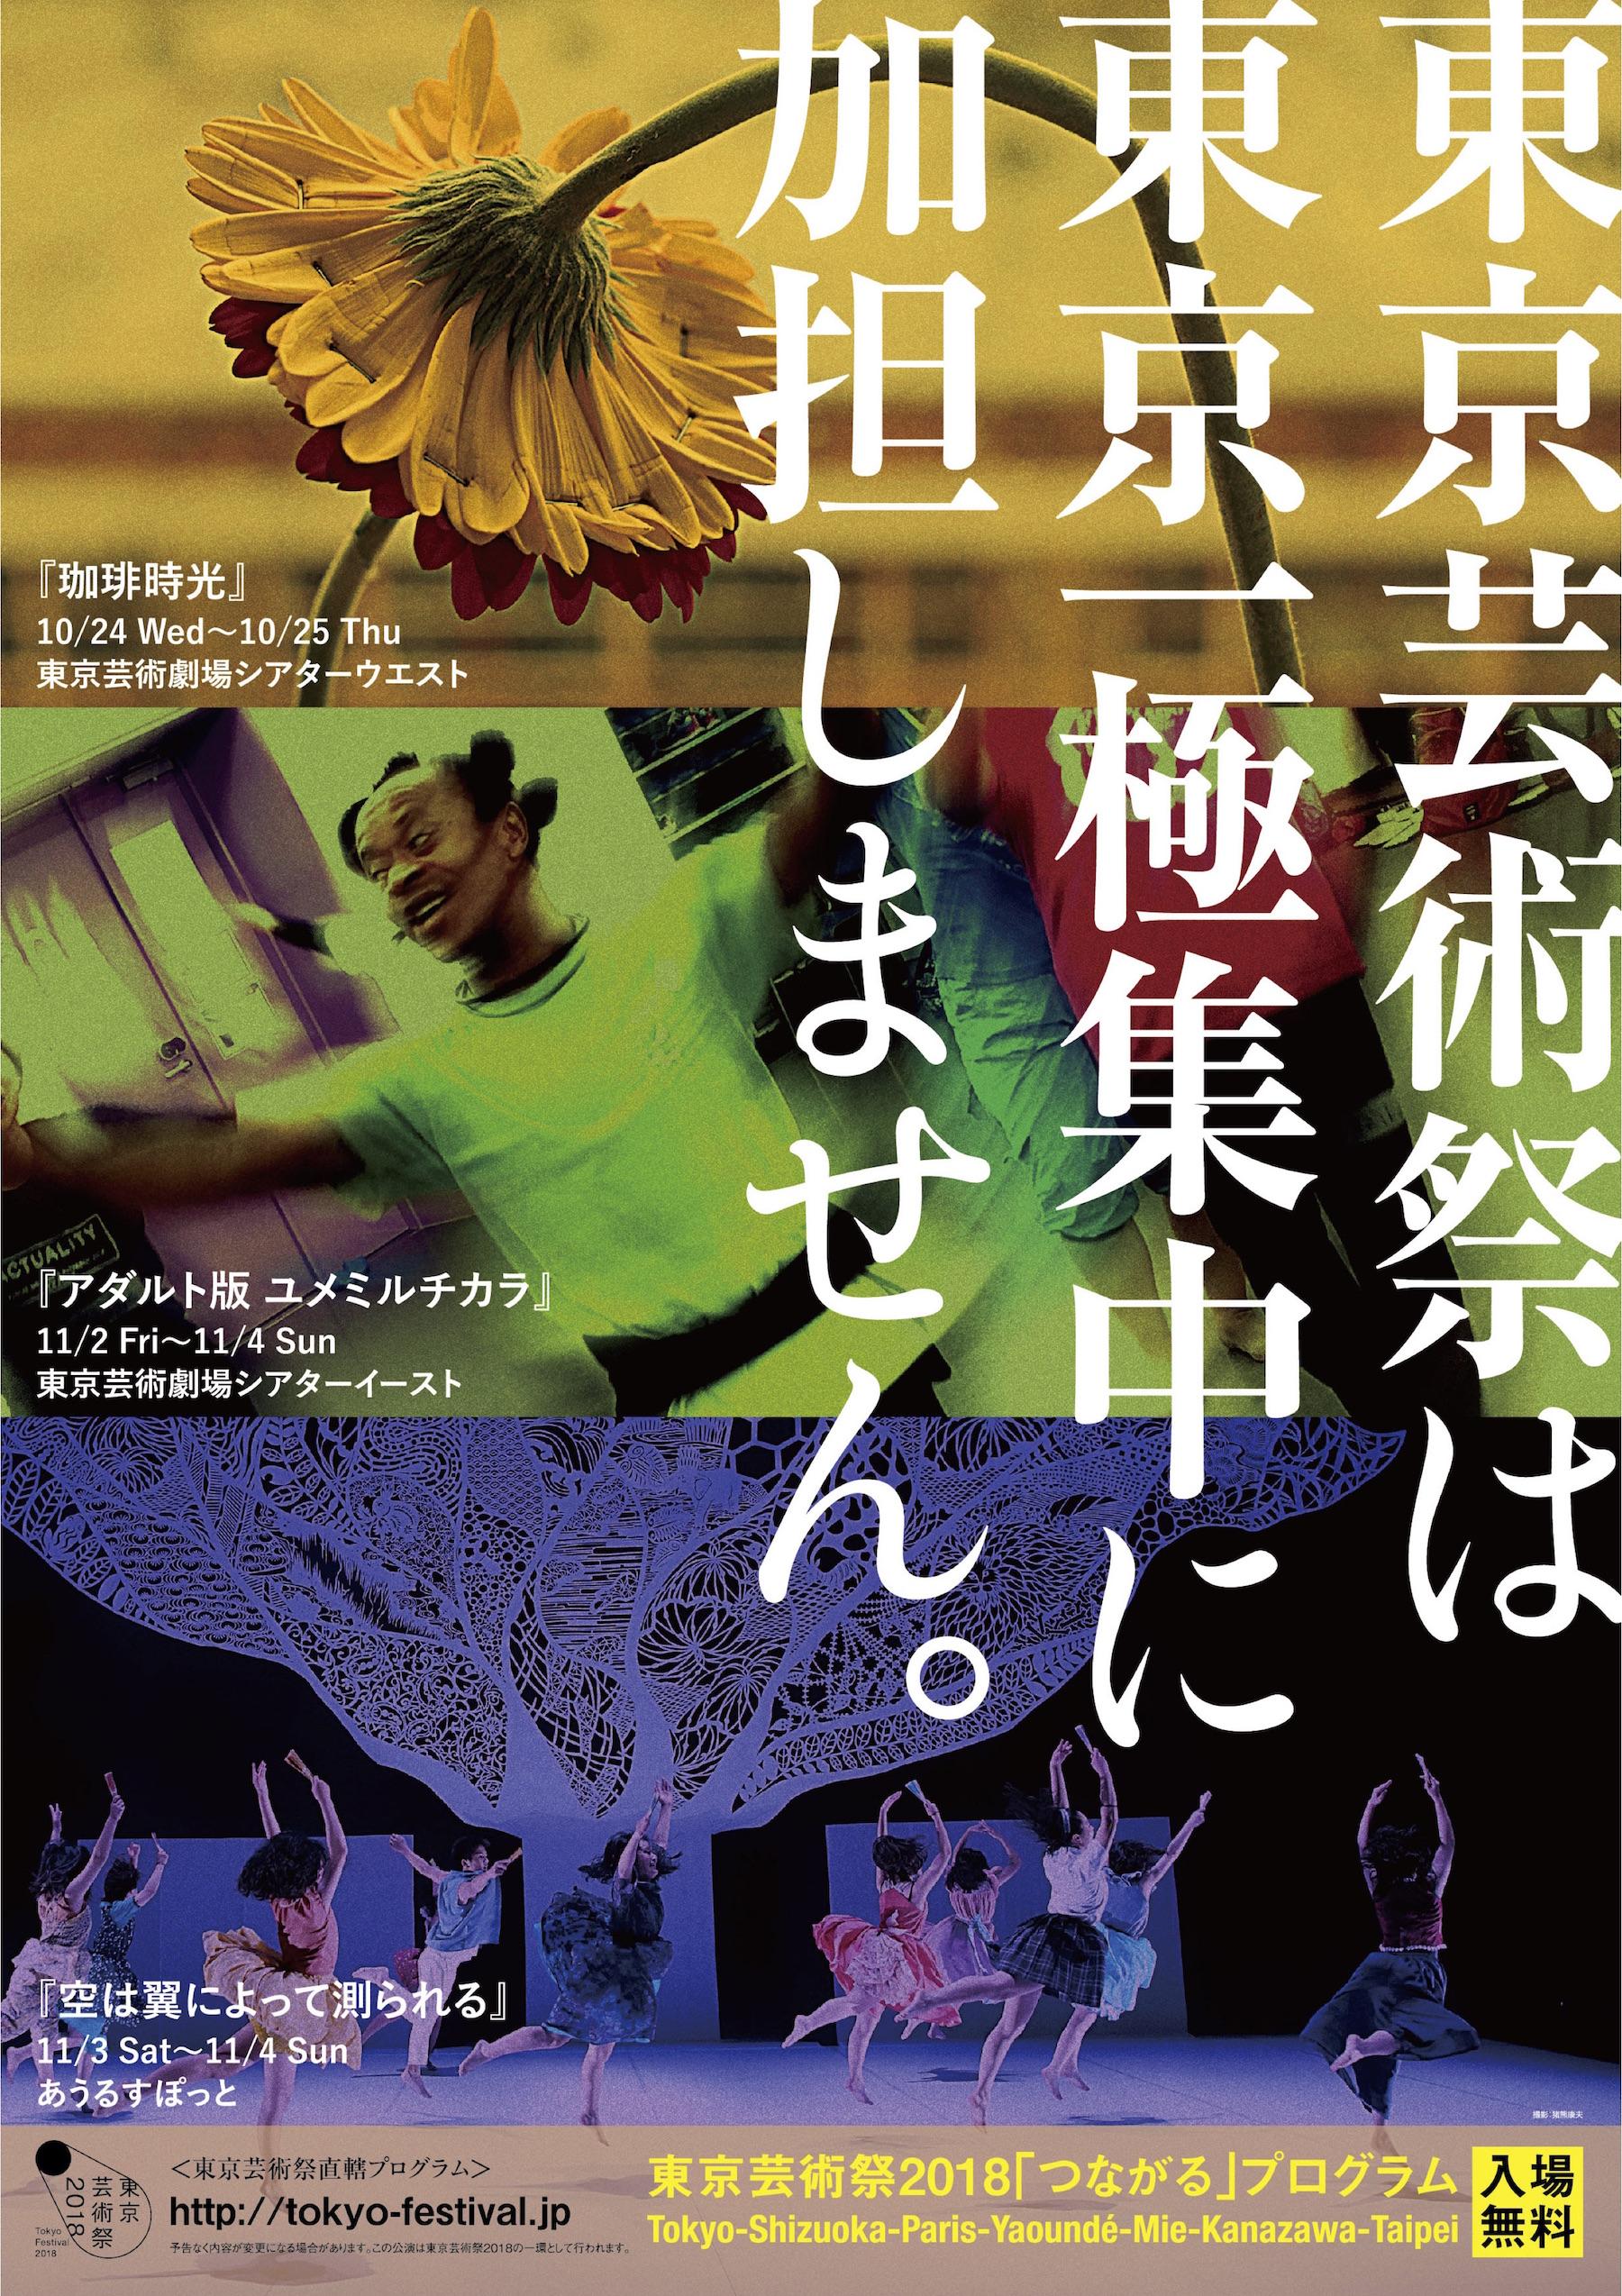 東京芸術祭2018つながるプログラム チラシ